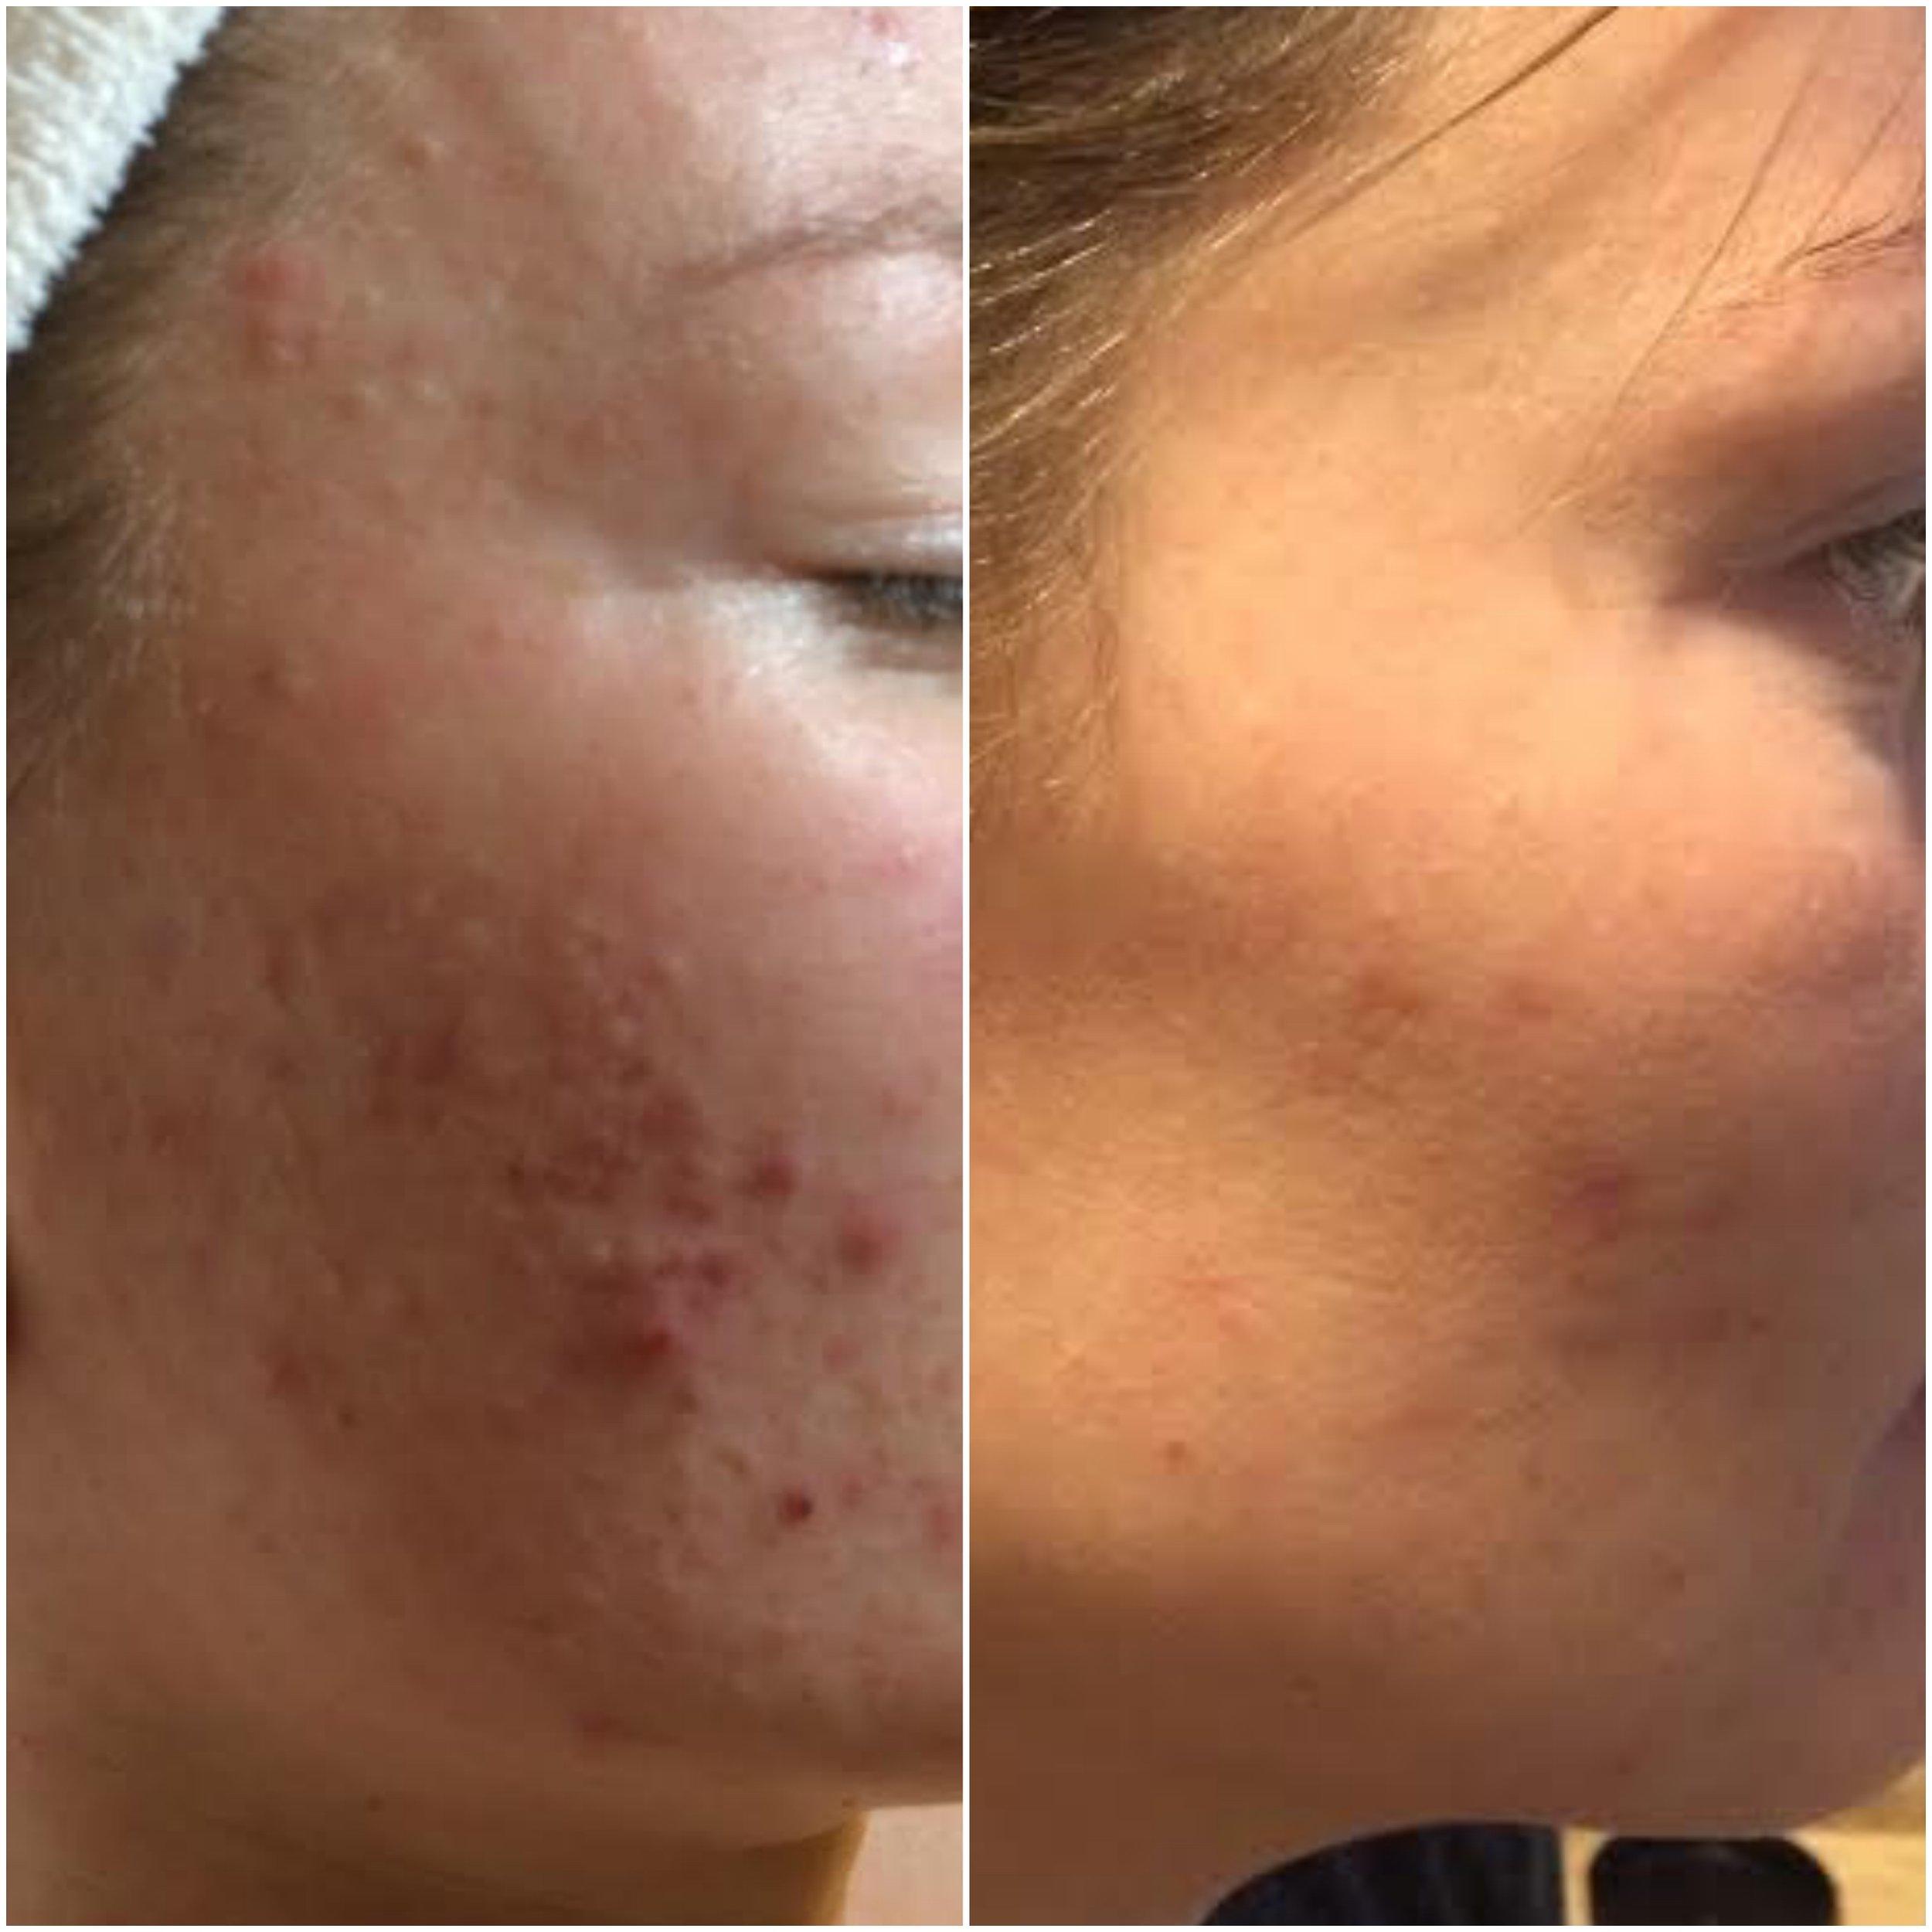 Cystic acne cleared using NŪR hi-tech facial series